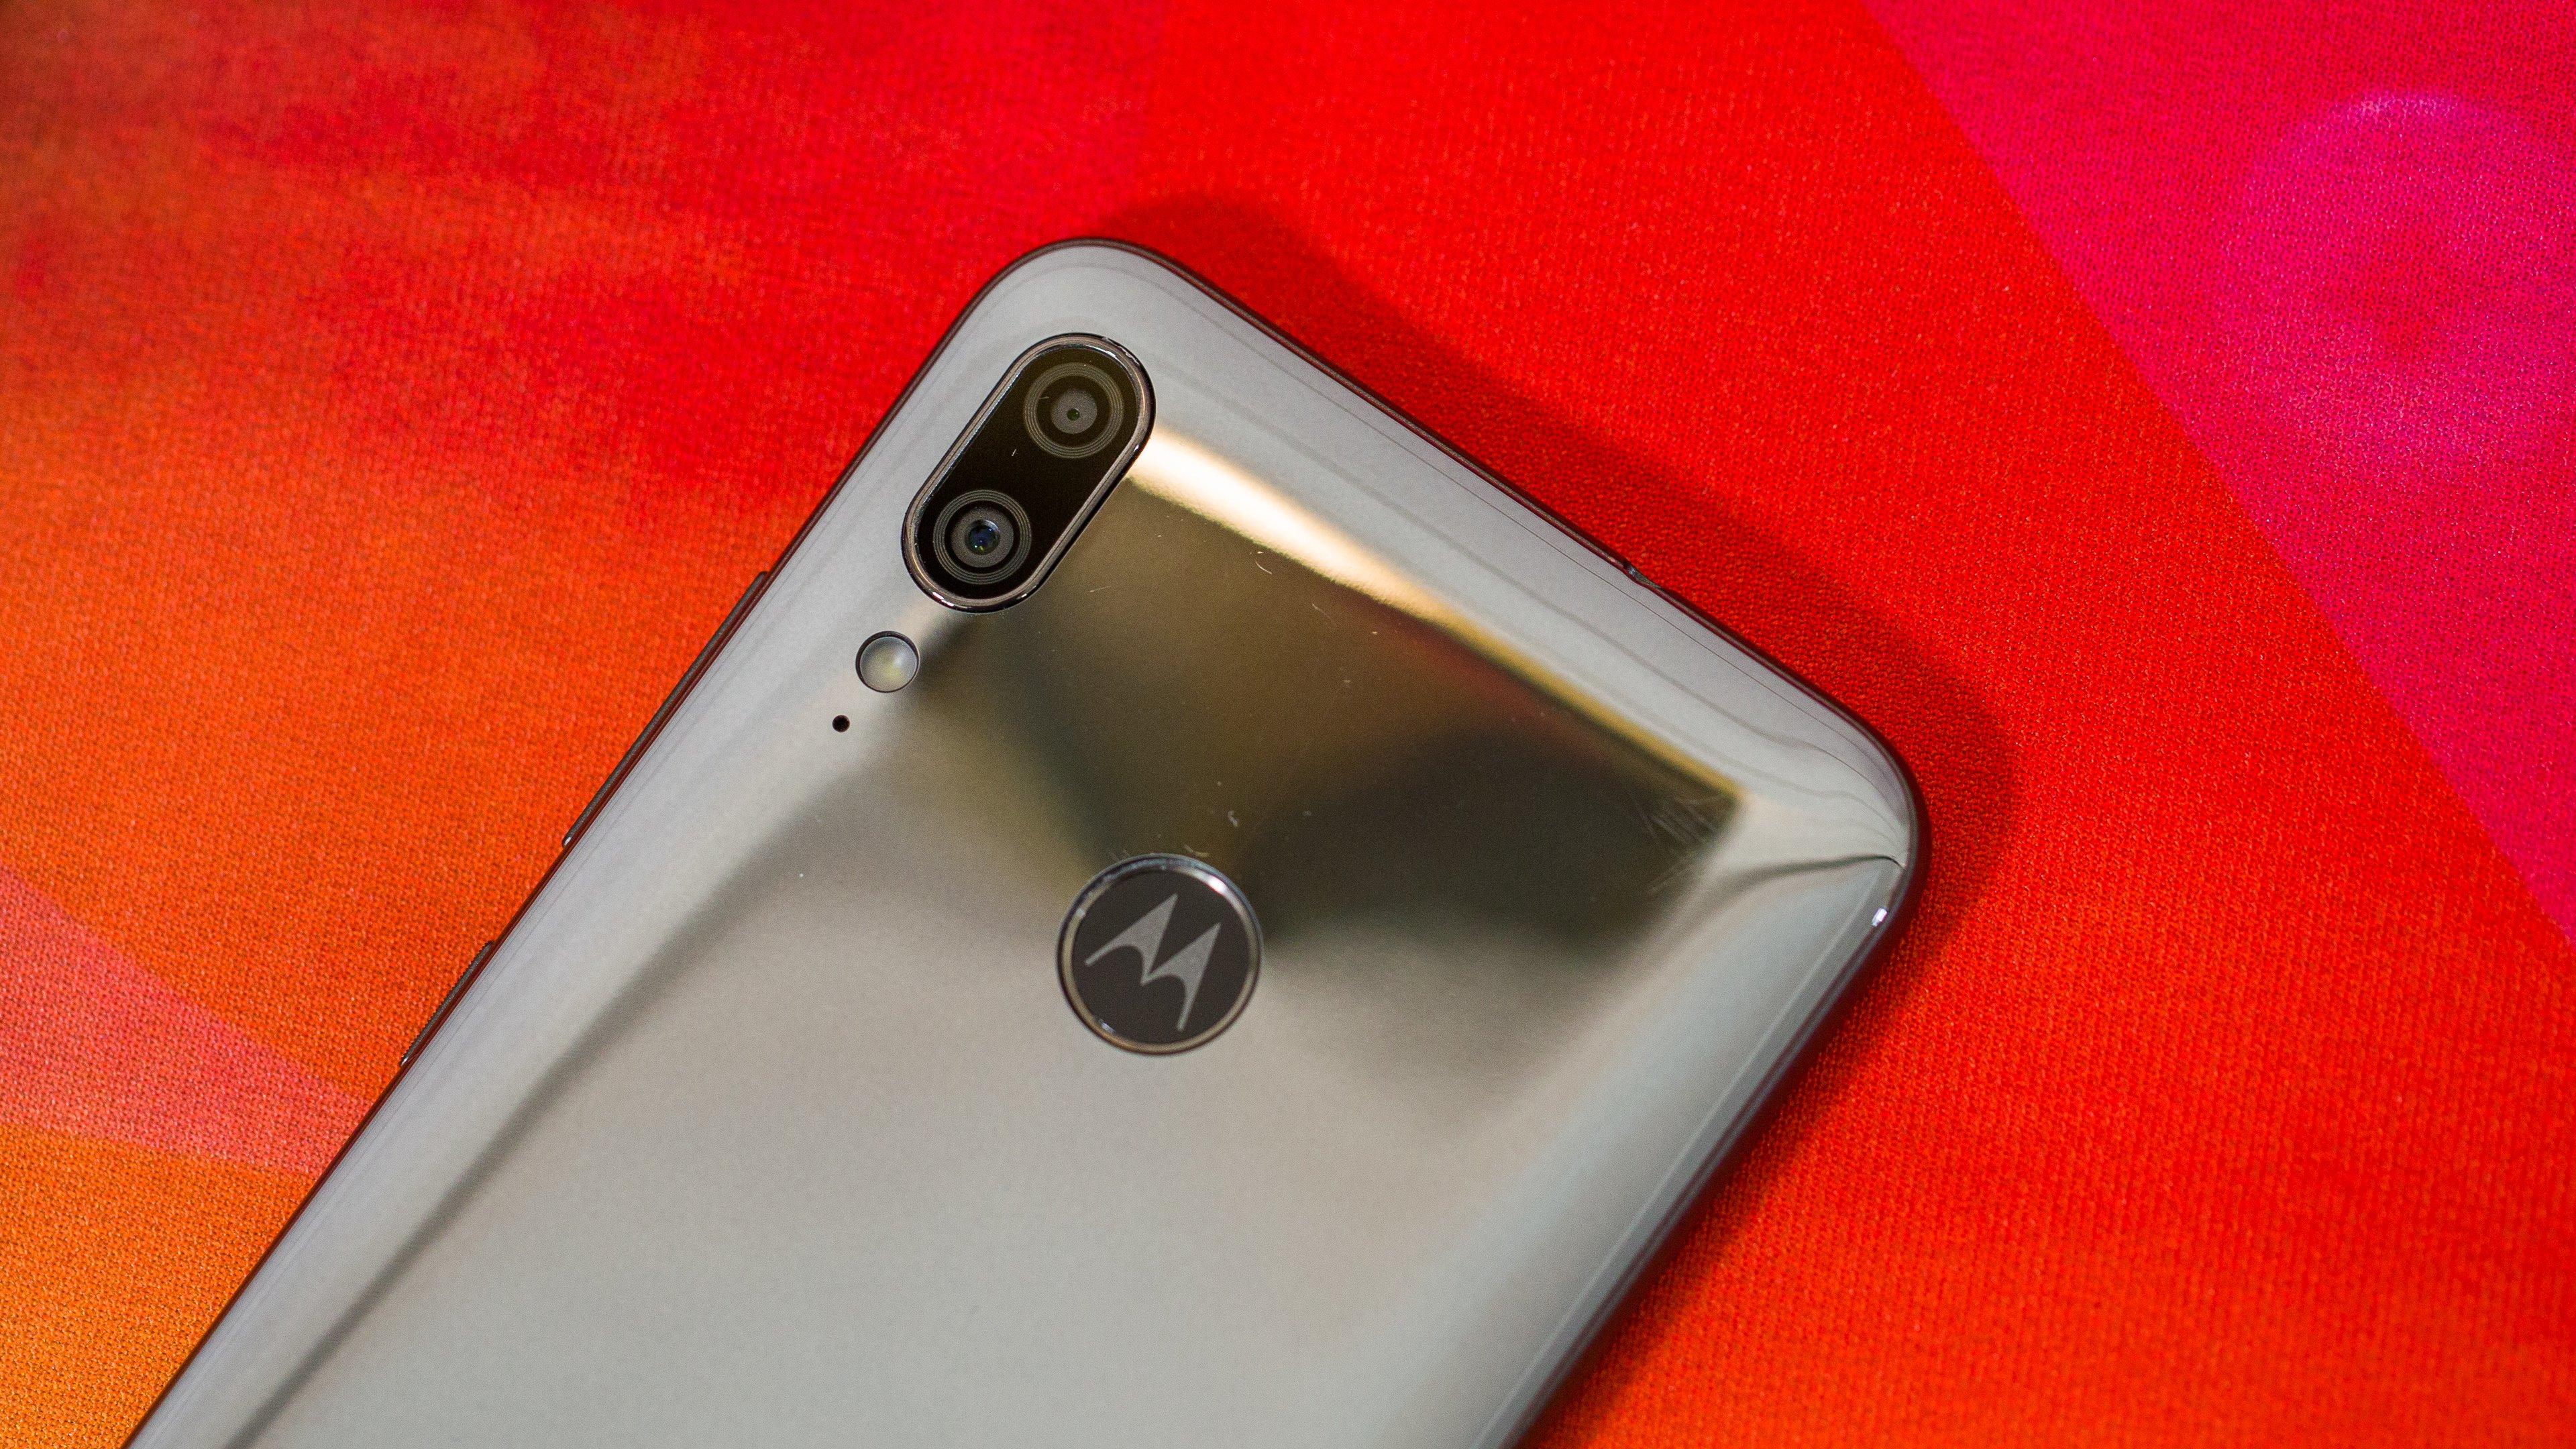 Motorola plant Premium-Smartphone mit 5G